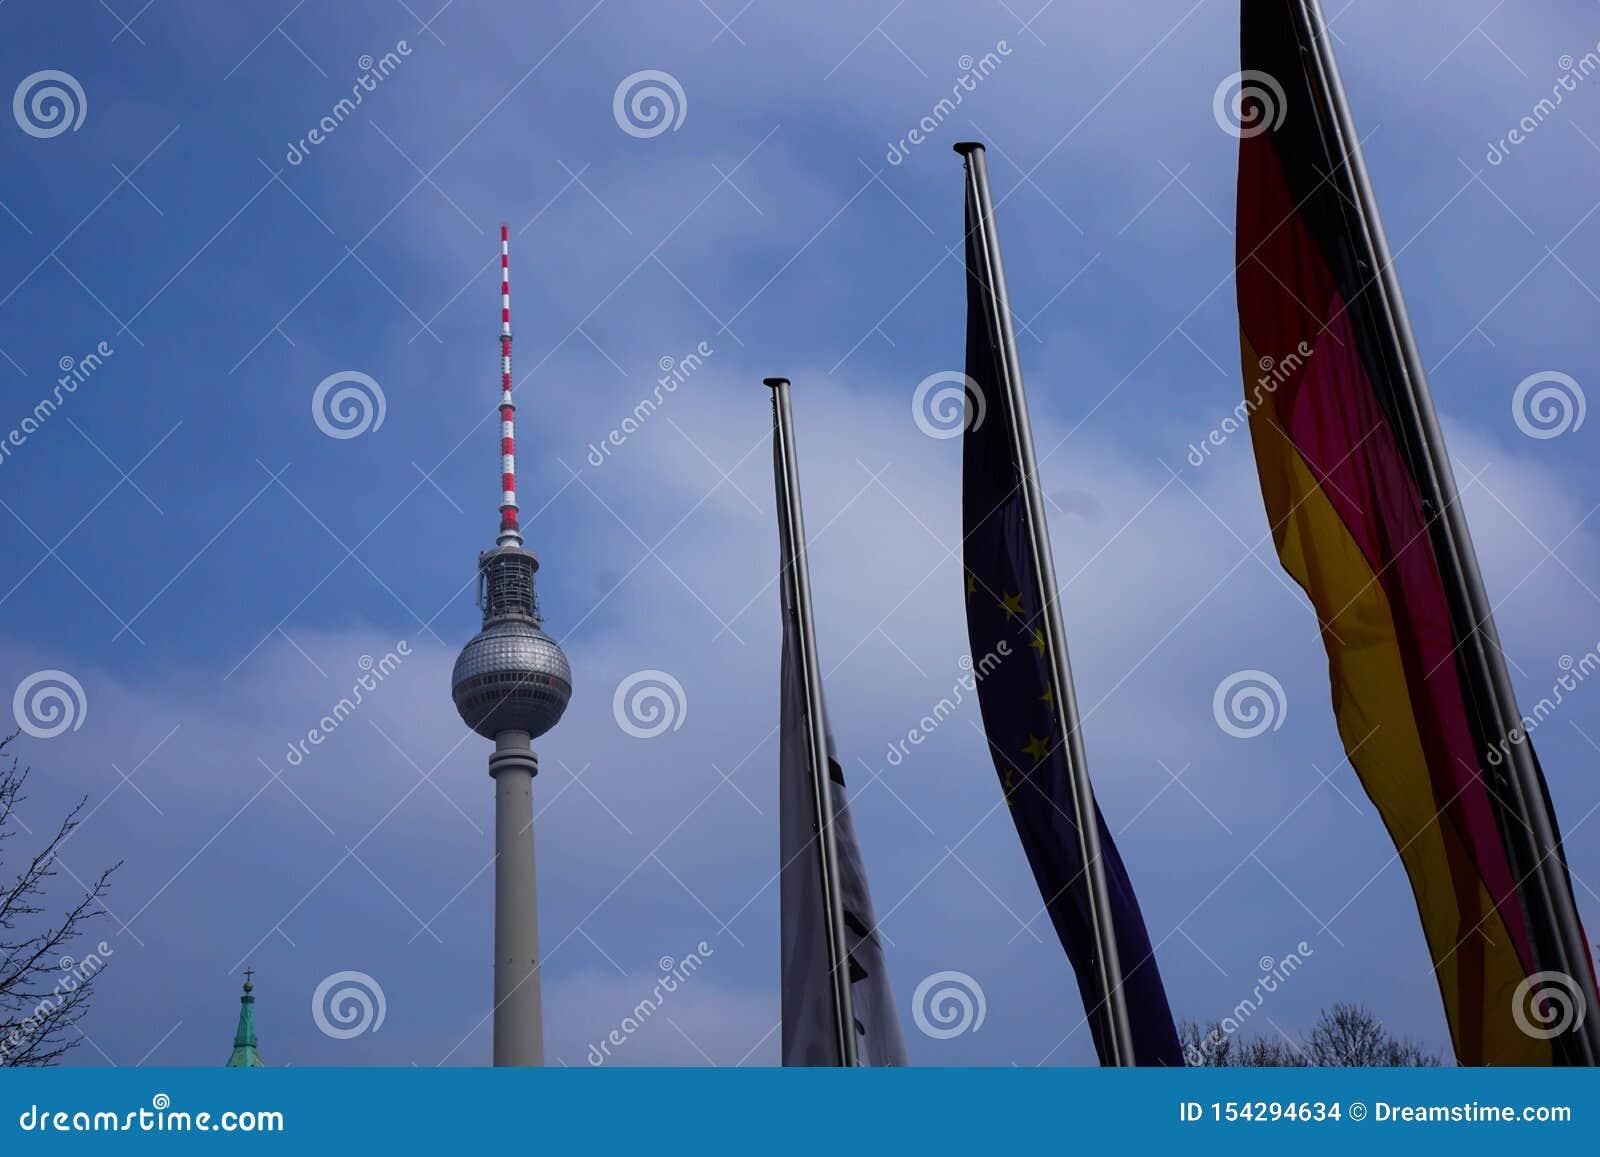 Europa Flaggen del mit de Fernsehturm del berlinés